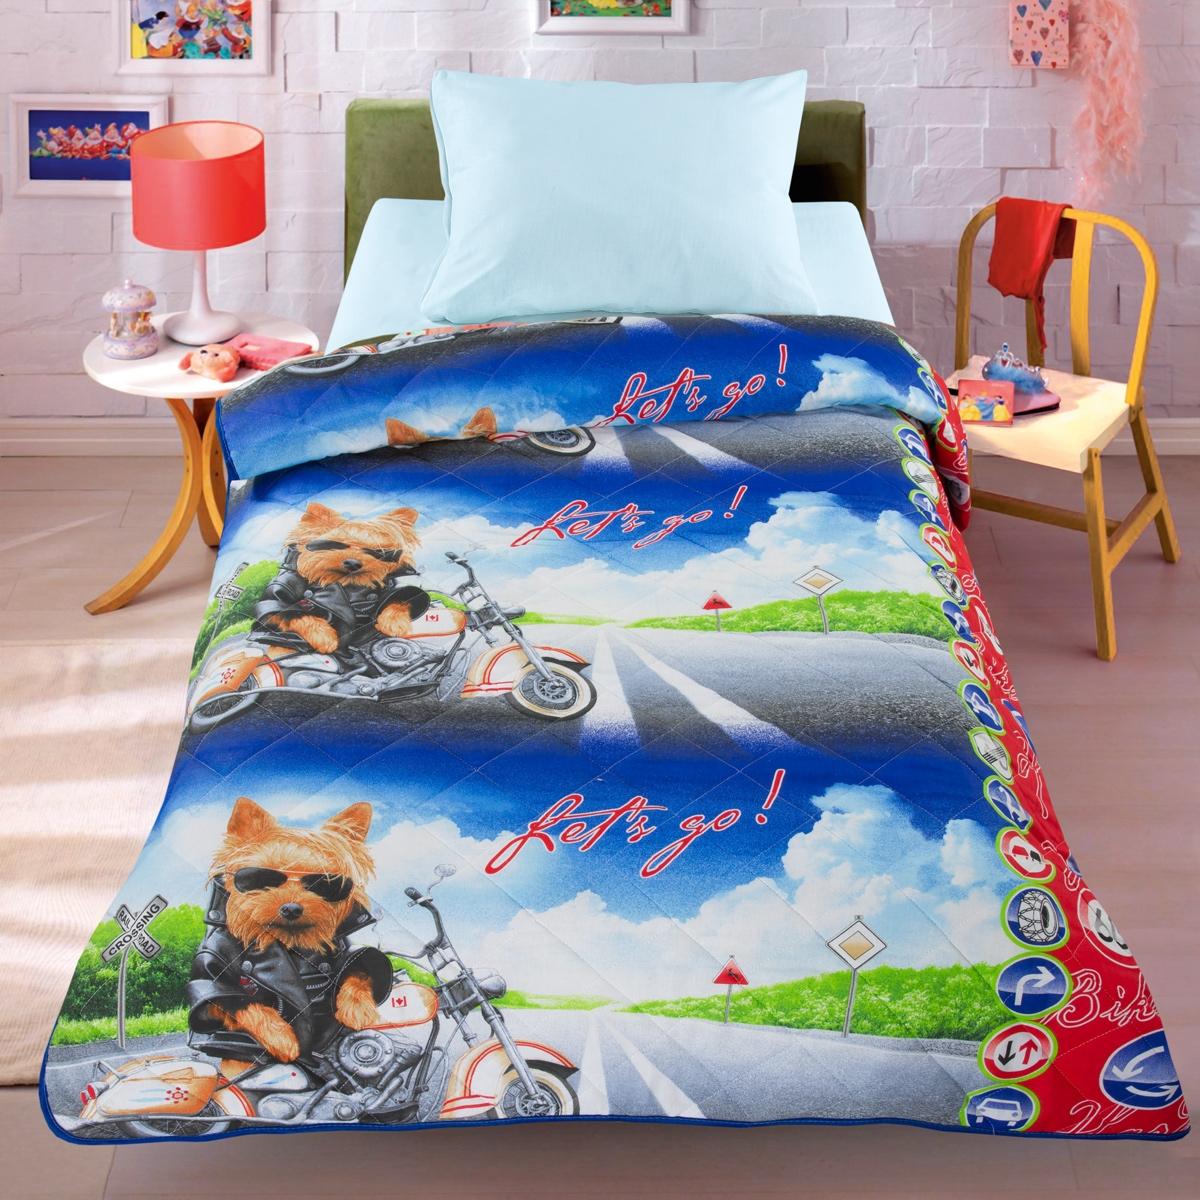 Letto Покрывало-одеяло цвет синийОдеяло-покрывало СупербайкЛегкое оригинальное покрывало Letto в чехле будет радовать вашего малыша в течение всего года. Сидеть на таком покрывале будет приятно и комфортно - ведь оно выполнено из 100% хлопка. К тому же одеяло можно использовать и как одеяло на детскую кровать. Наполнитель - силиконизированное волокно. Вашему ребенку не будет жарко под таким одеялом, а это значит от не будет раскрываться. Оно подлежит машинной стирке при температуре 30 гр., строго на деликатном режиме. 140*205